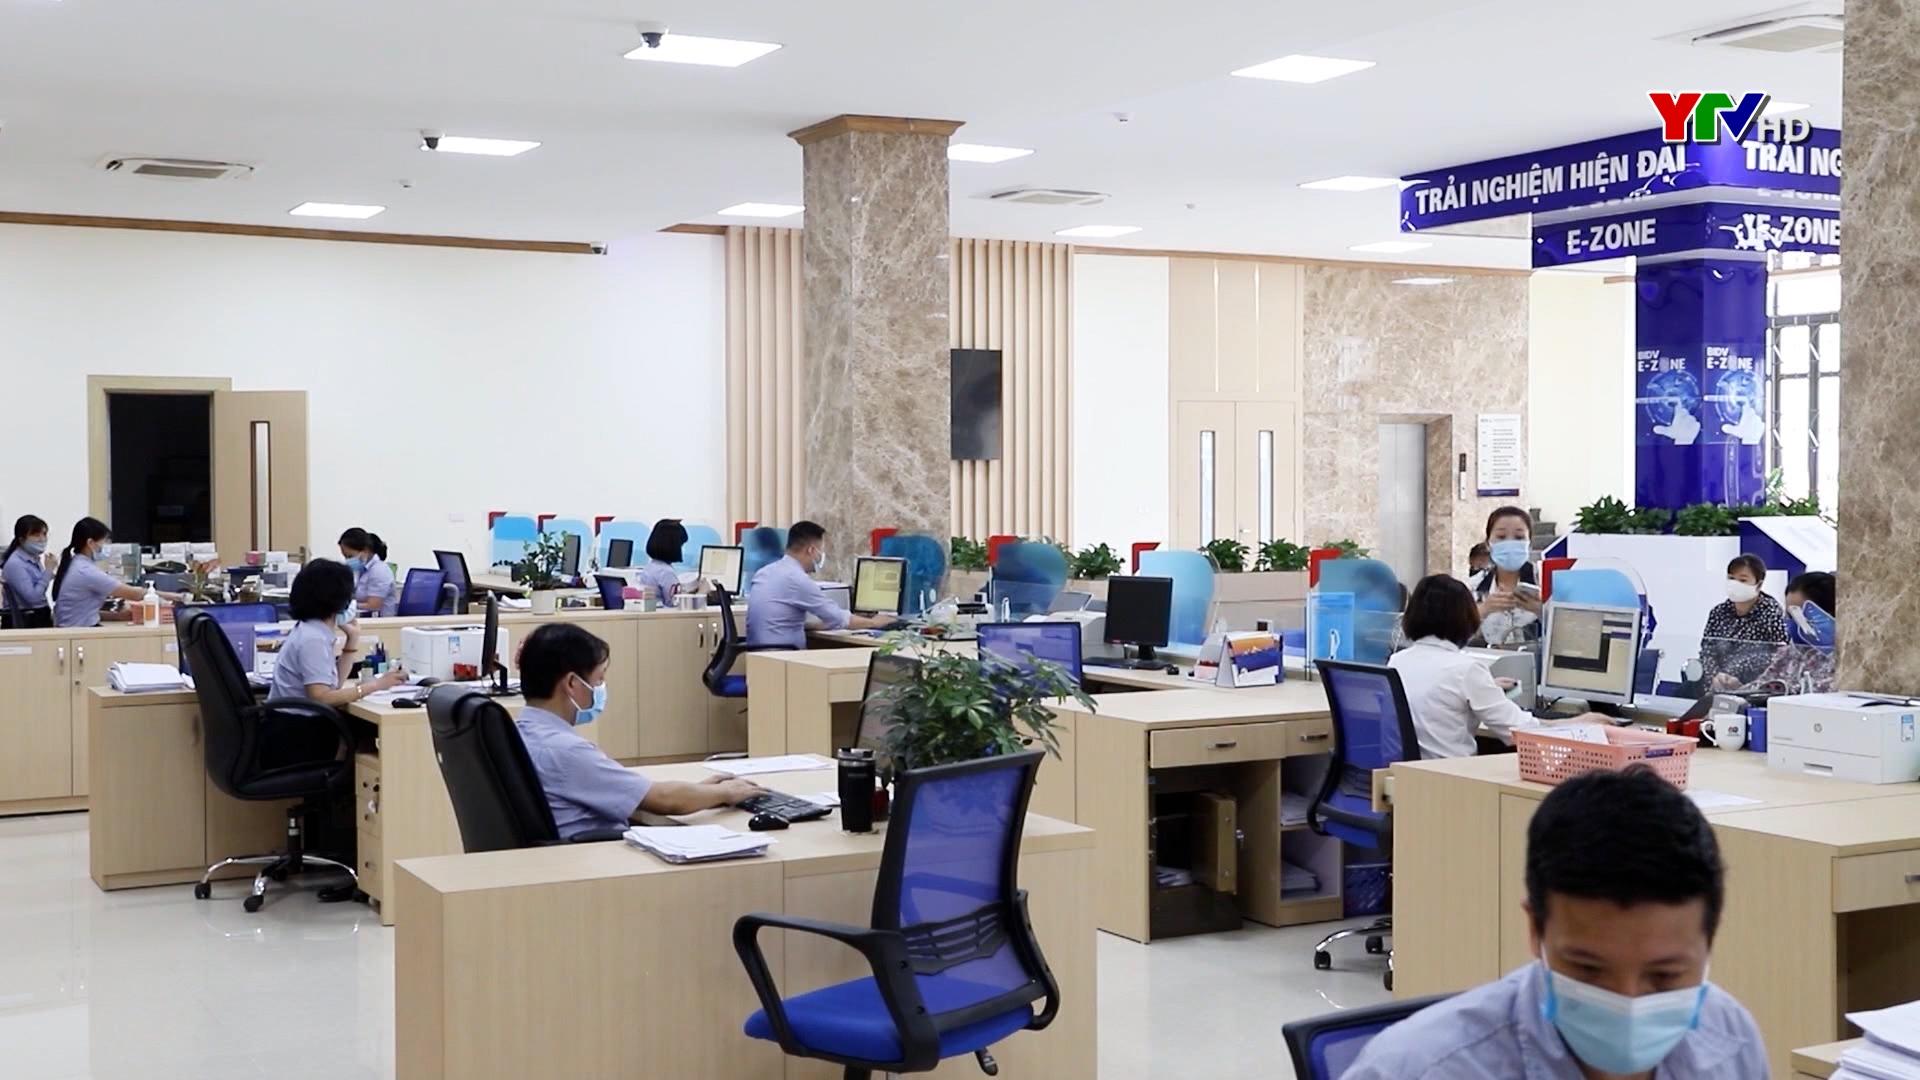 Ngân hàng BIDV chi nhánh Yên Bái hỗ trợ khách hàng vượt qua đại dịch